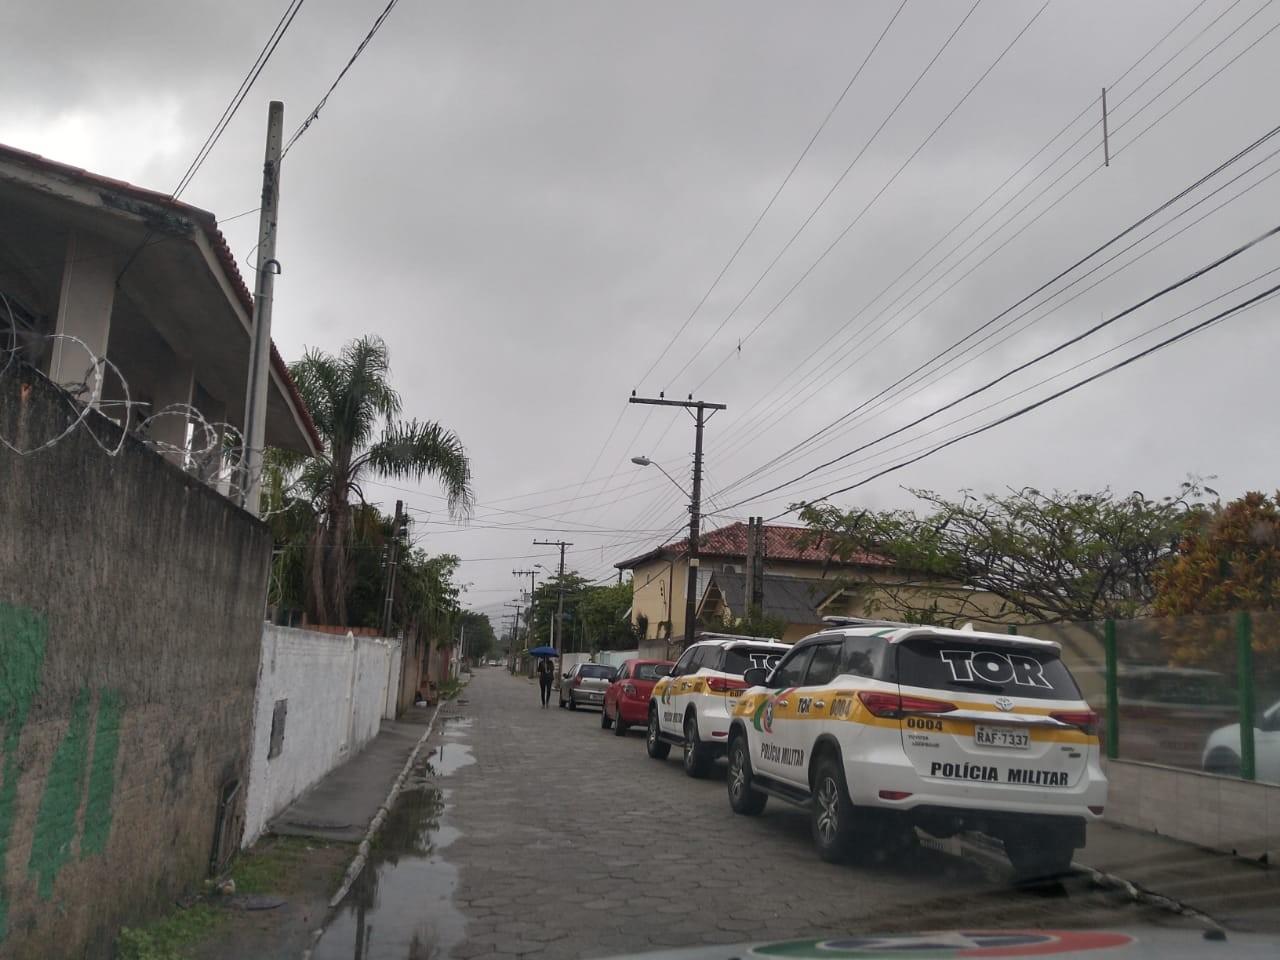 Suspeitos de integrar organização criminosa são alvo de mandados de busca e apreensão na Grande Florianópolis